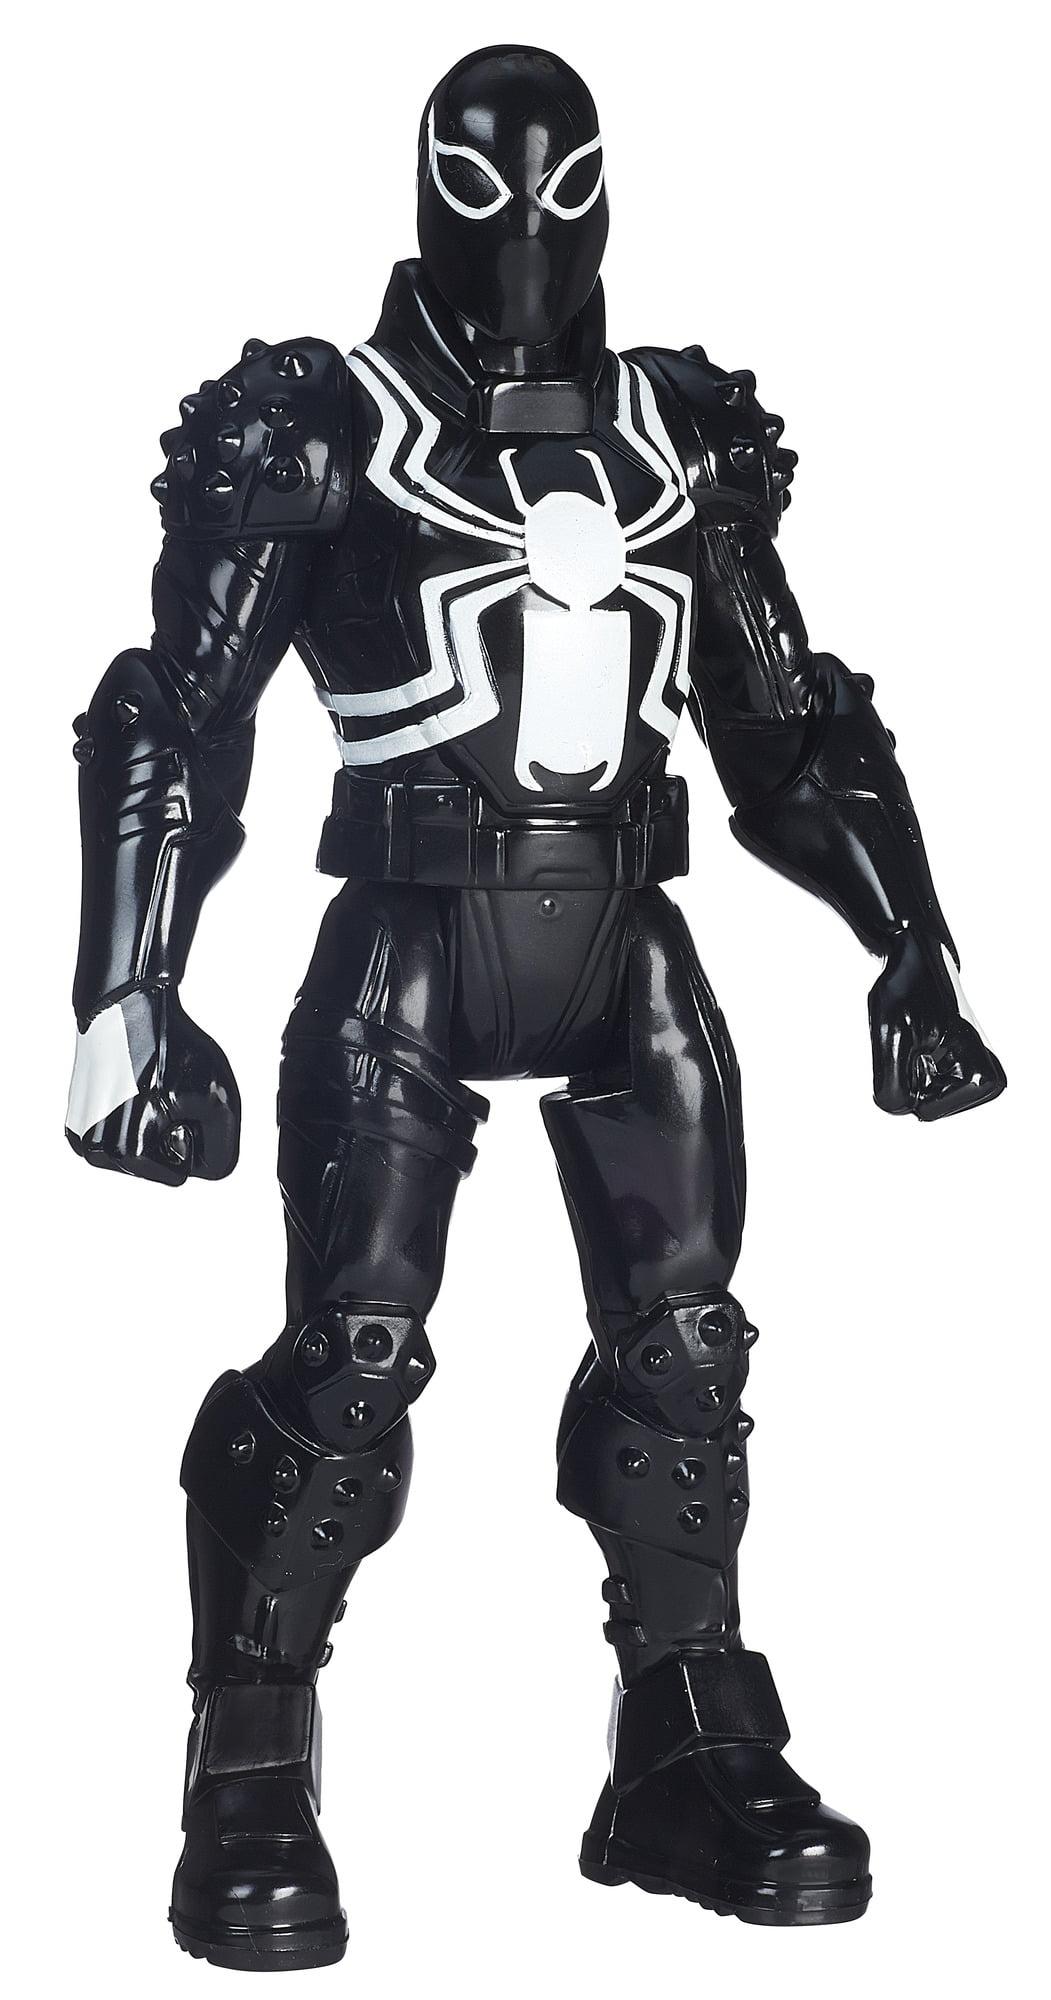 Spiderman-marvel Spider-man Agent Venom - Walmart.com - photo#7